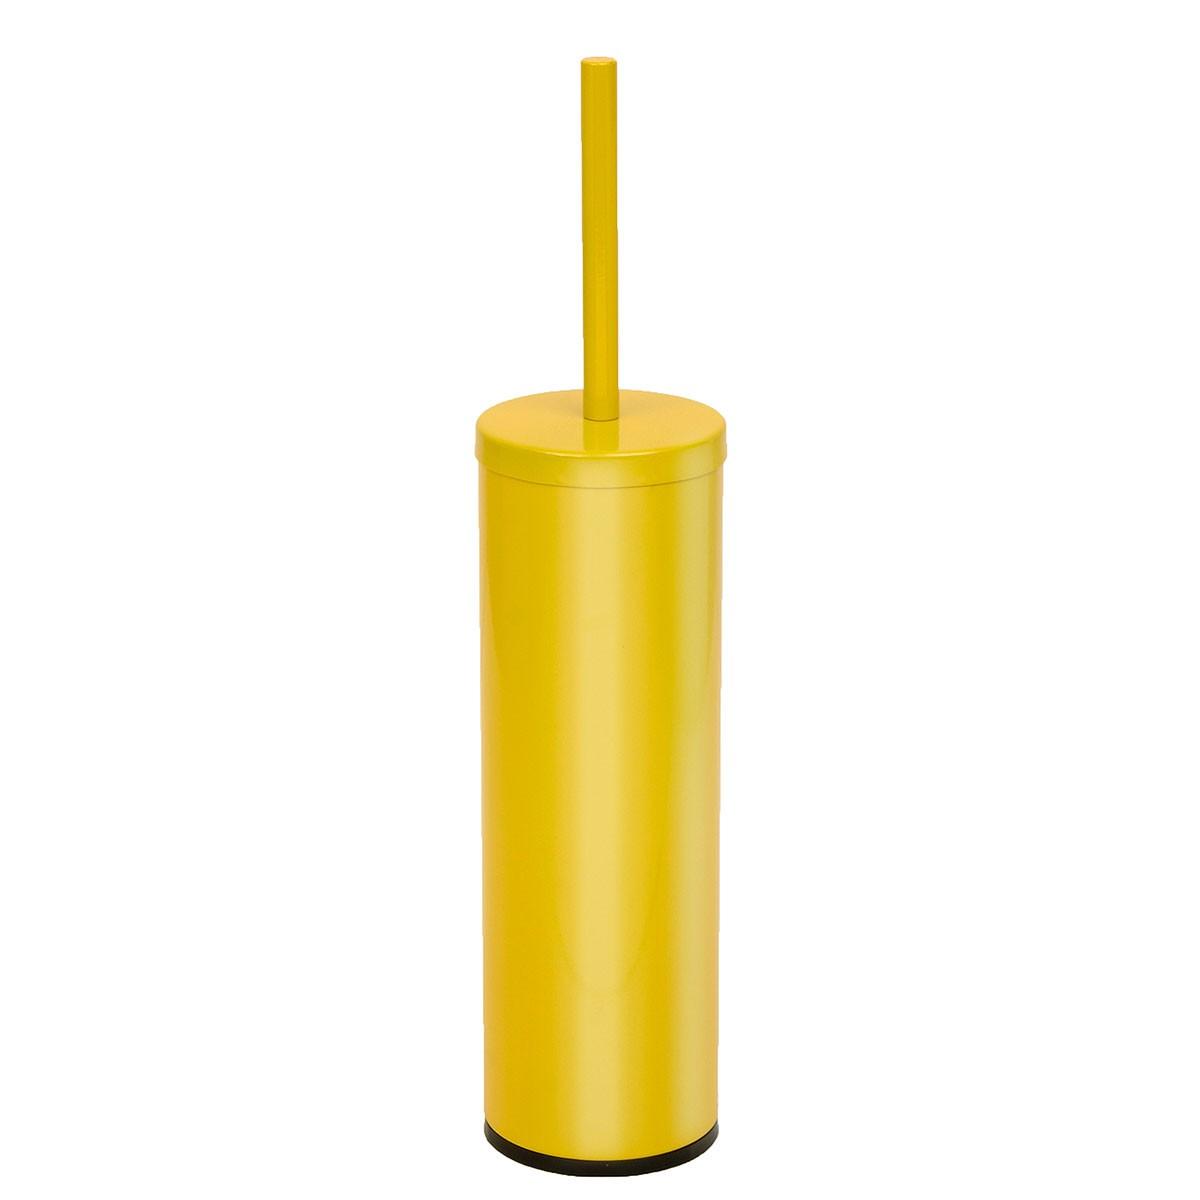 Πιγκάλ PamCo 2-616-603 Yellow